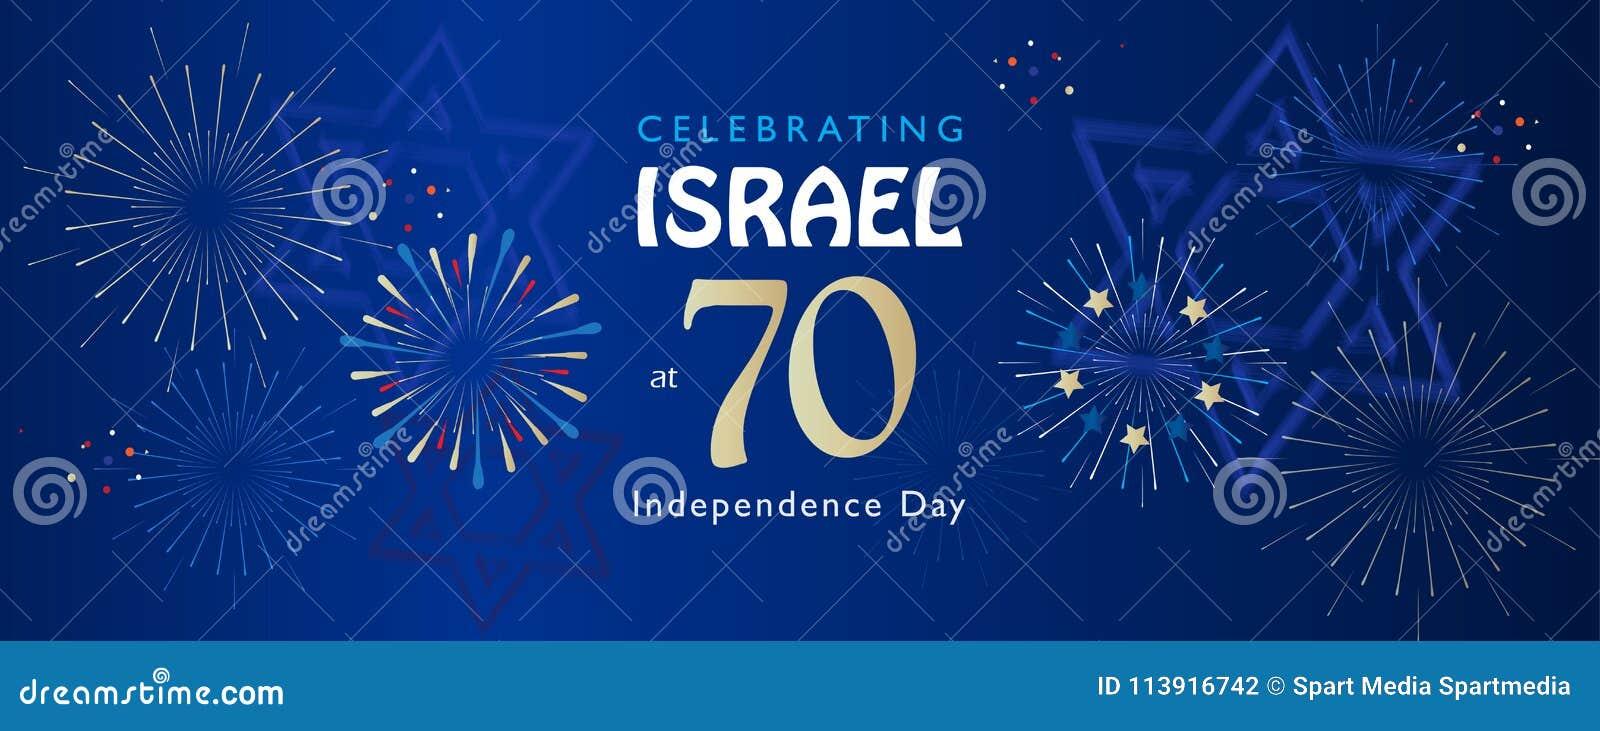 Ισραήλ 70 επέτειος, ημέρα της ανεξαρτησίας